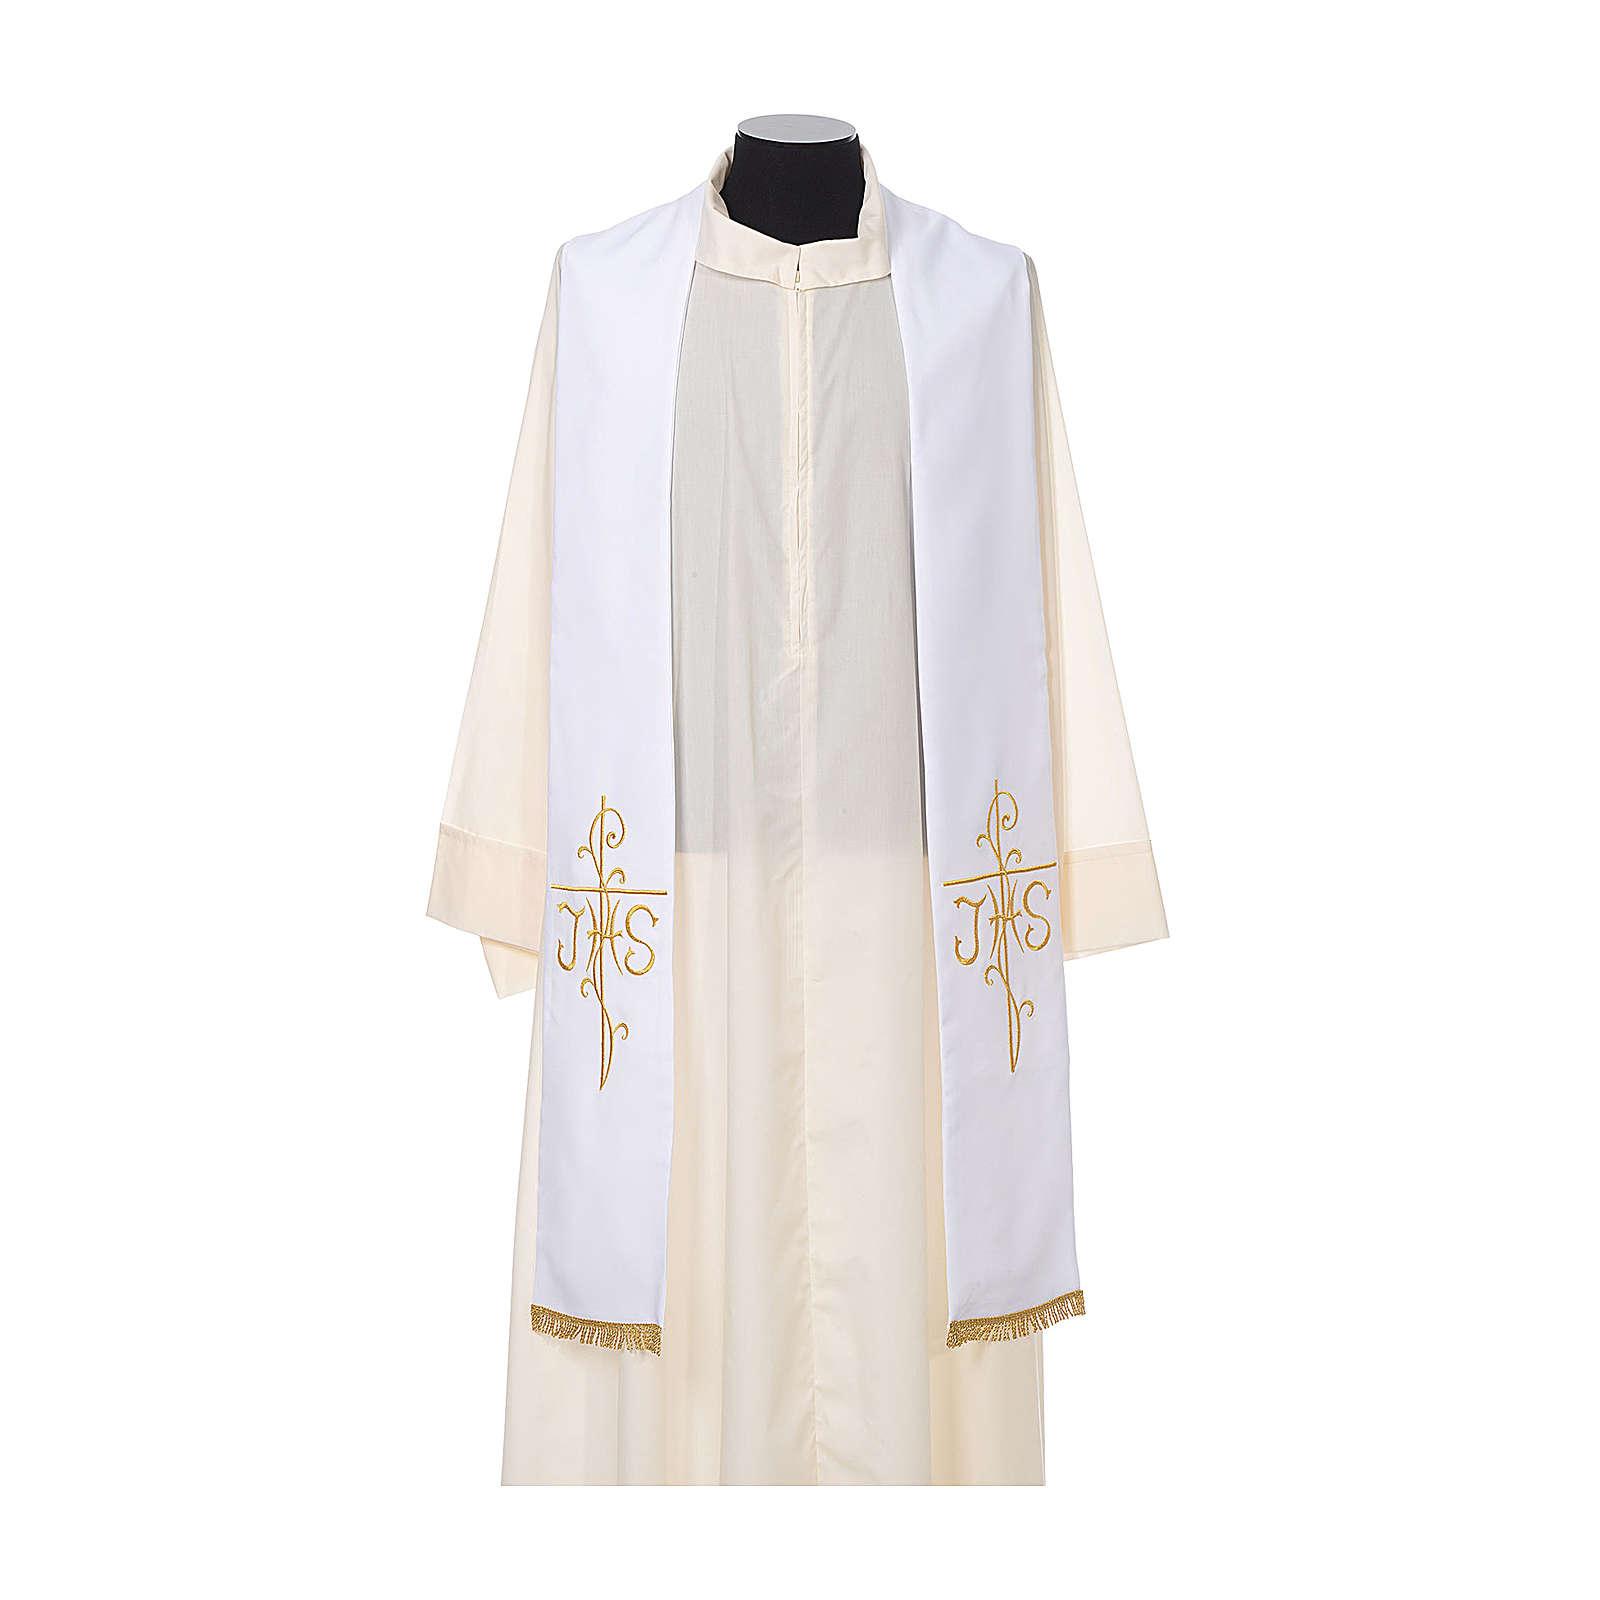 Stuła kapłańska haft złoty krzyż JHS dwustronny tkanina poliester 4